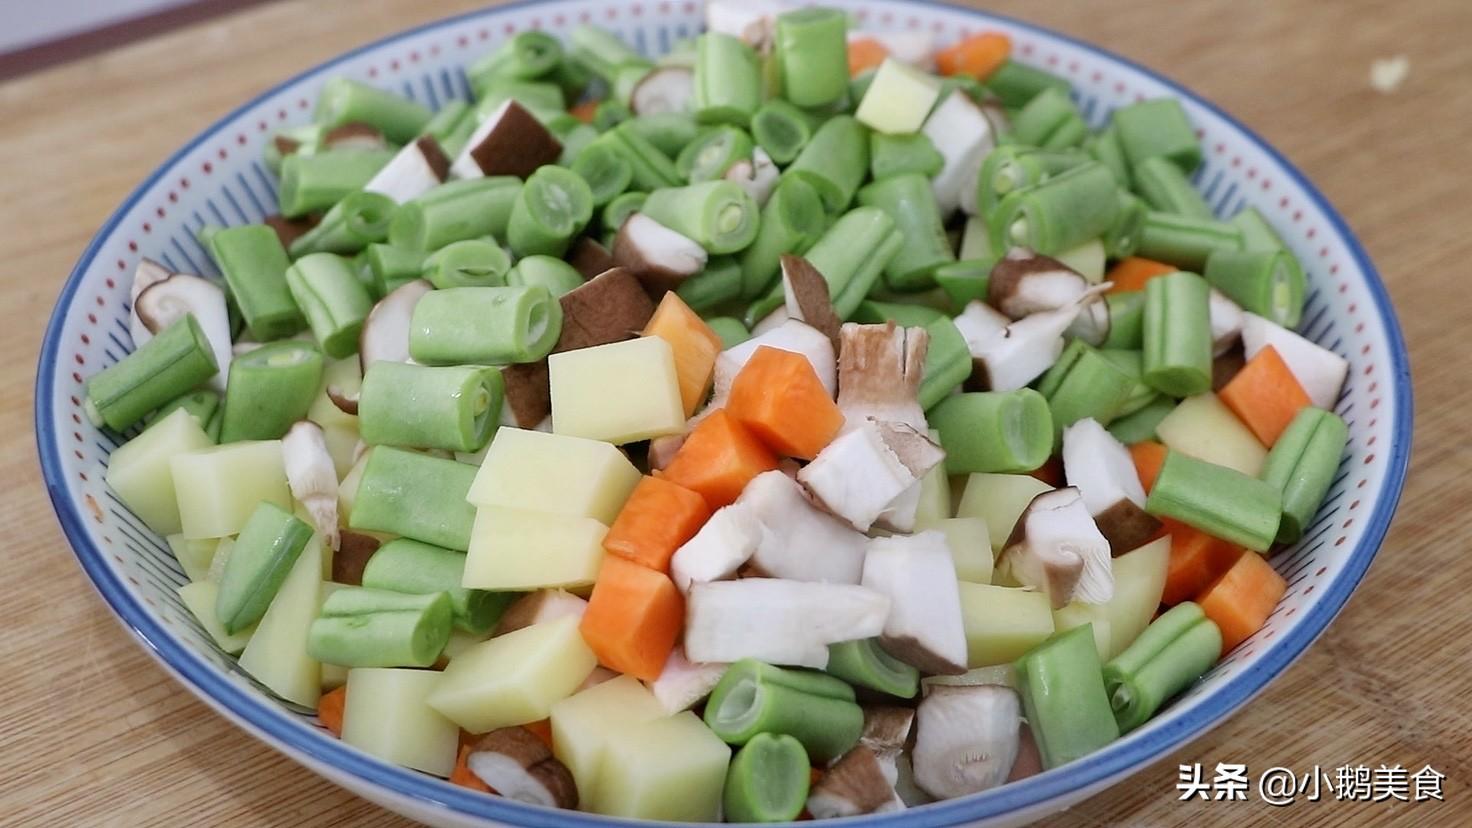 自从米饭学会这样煮,我家大米不够吃了,连挑食的孩子都抢着吃 美食做法 第2张